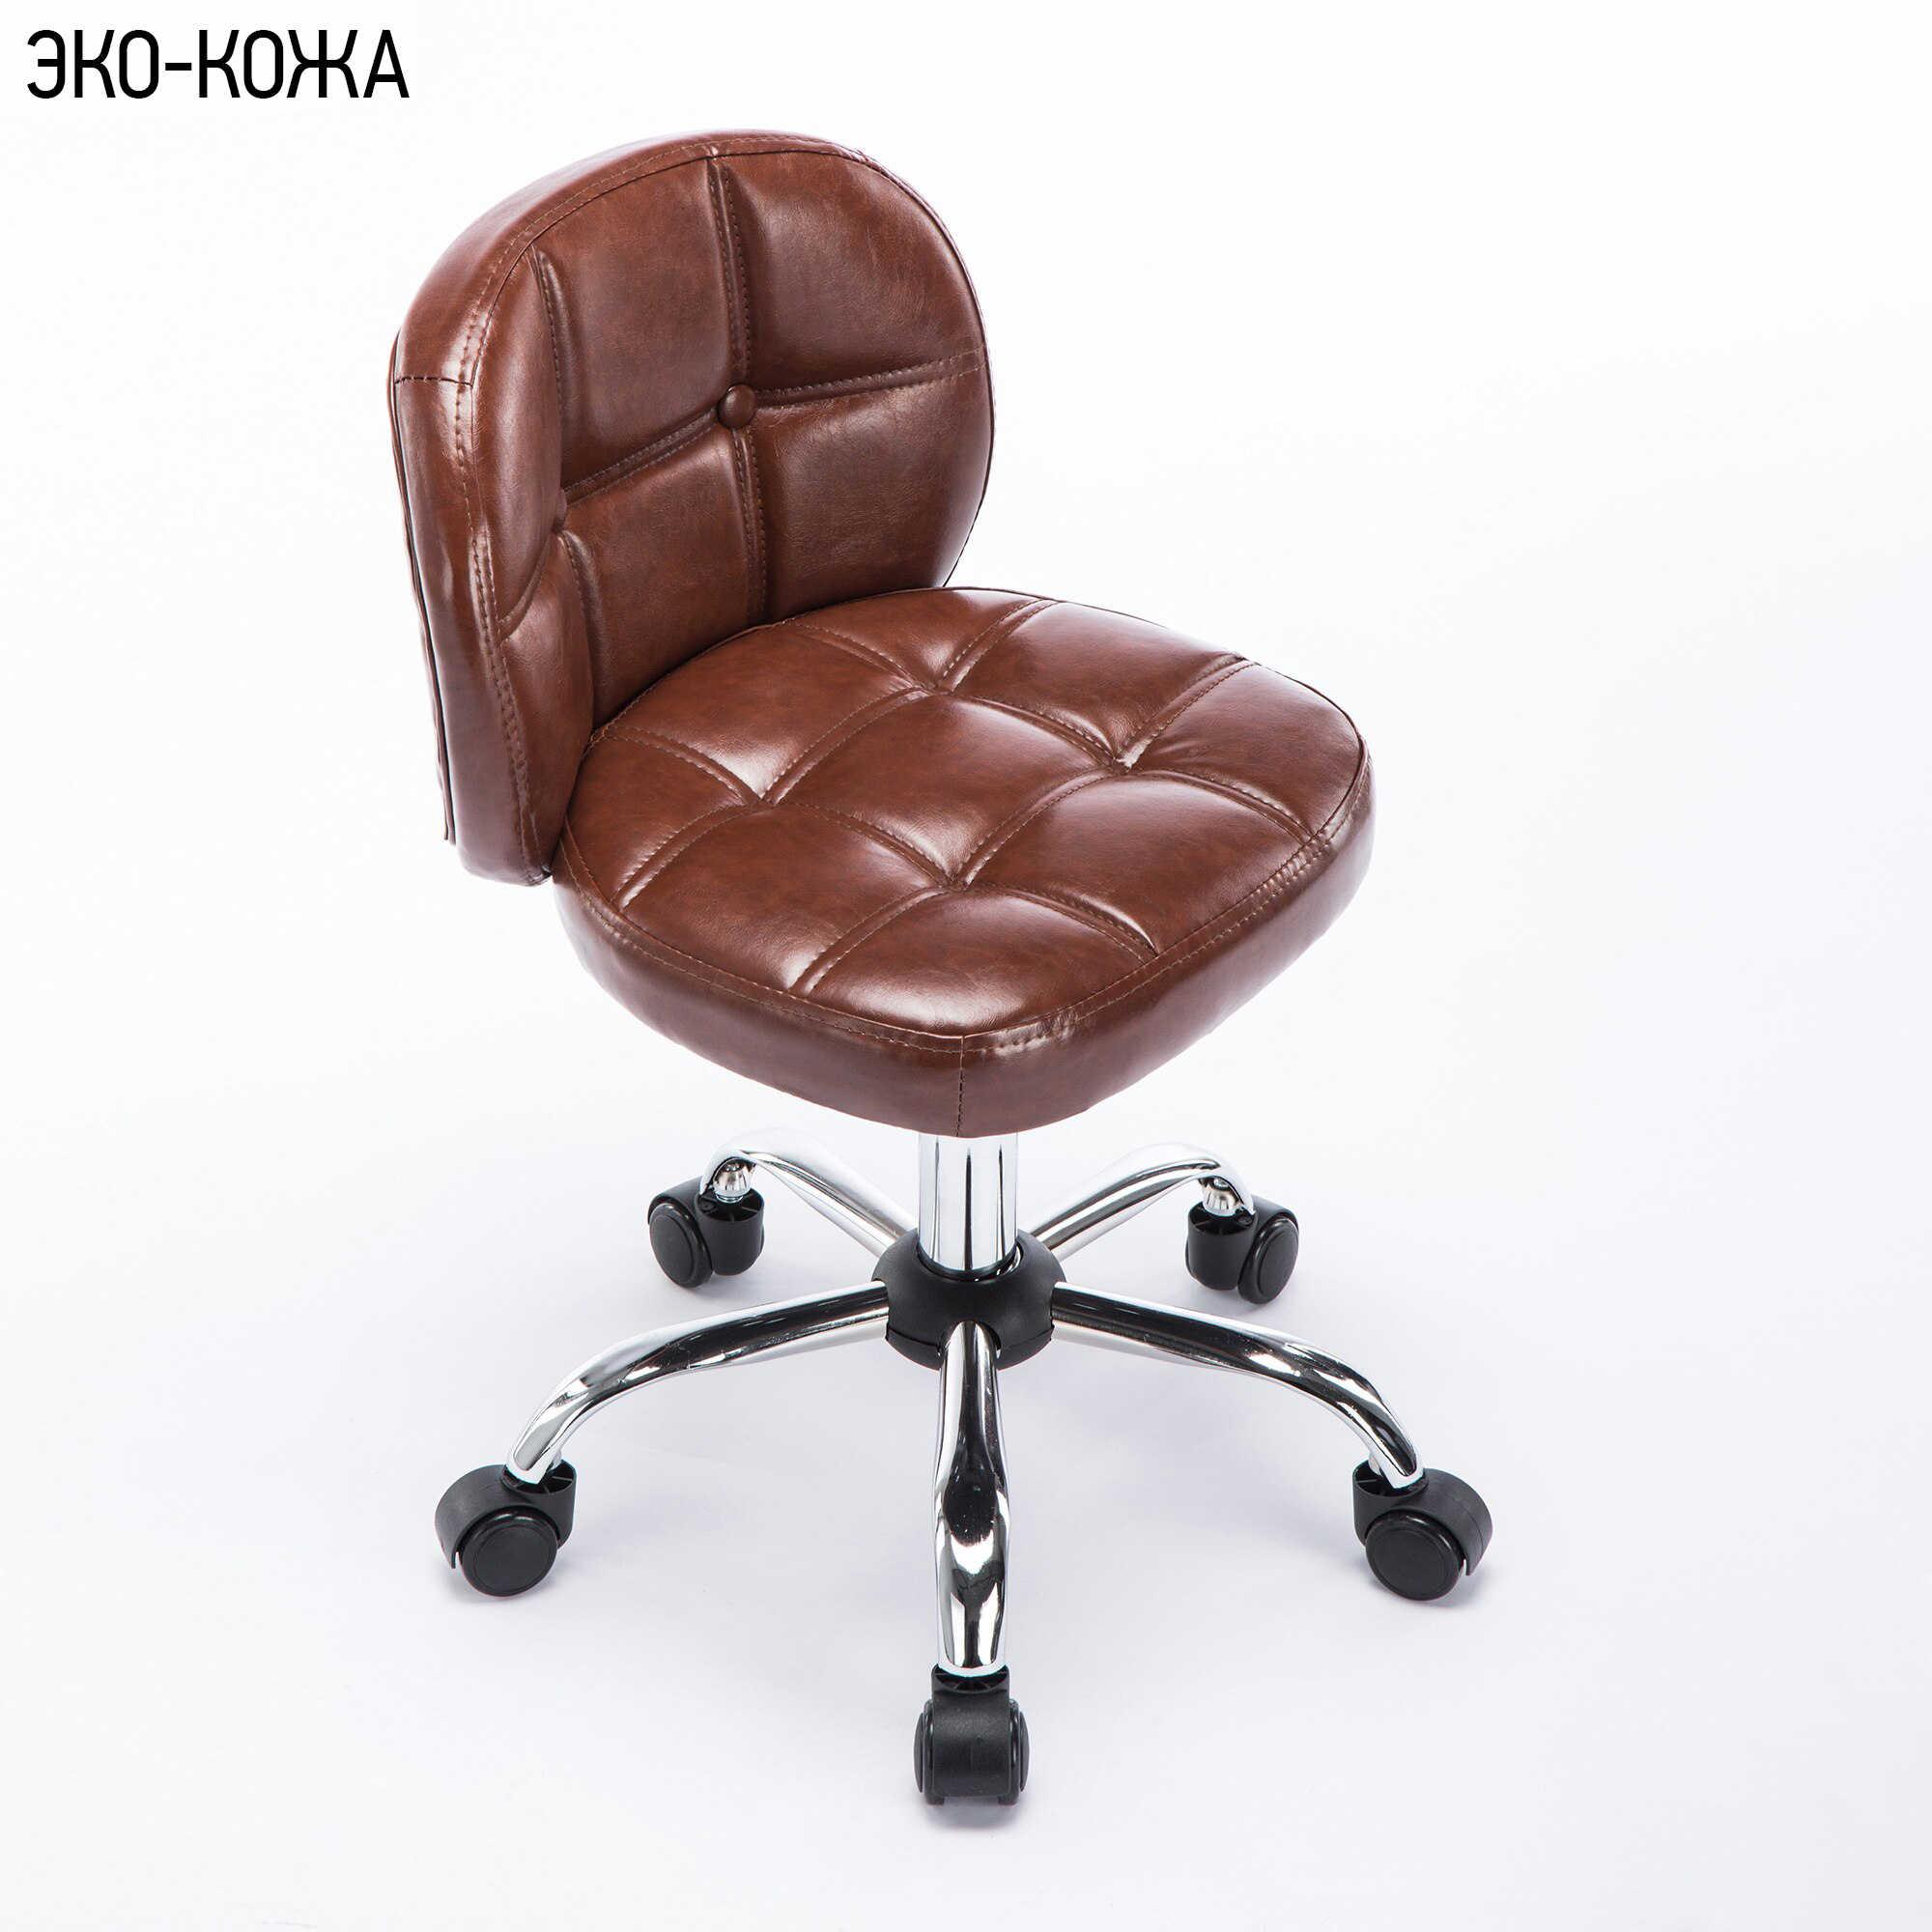 送料無料バースツール椅子小背もたれ回転椅子コーヒー椅子